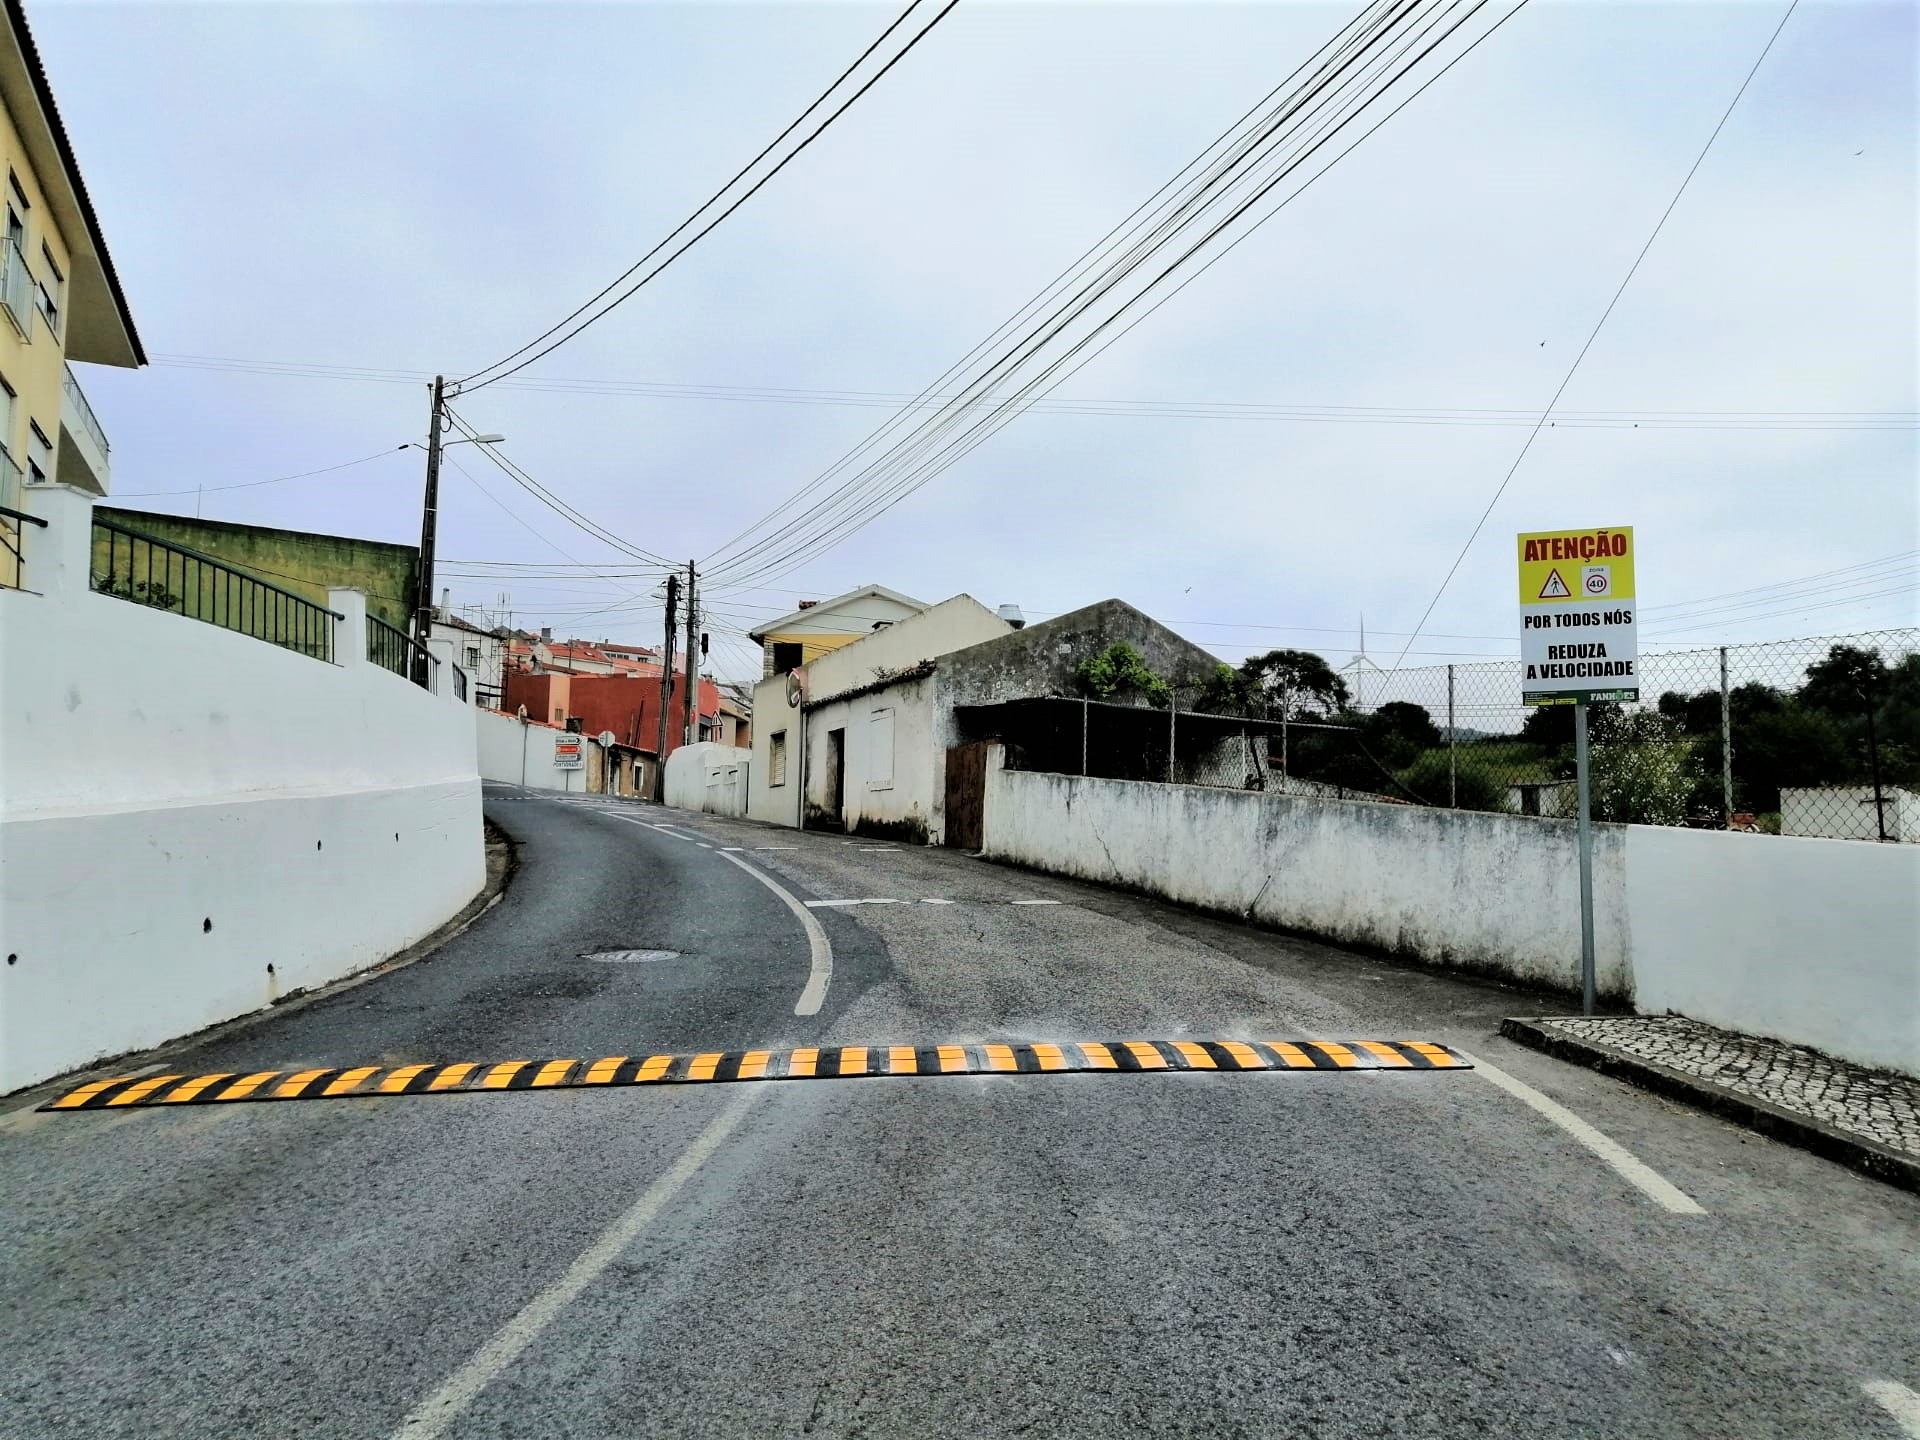 Fanhões -(f) Colocação de Redutores de Velocidade na Rua Francisco Mateus Germano, diariamente procuramos tornar a nossa Freguesia mais segura!